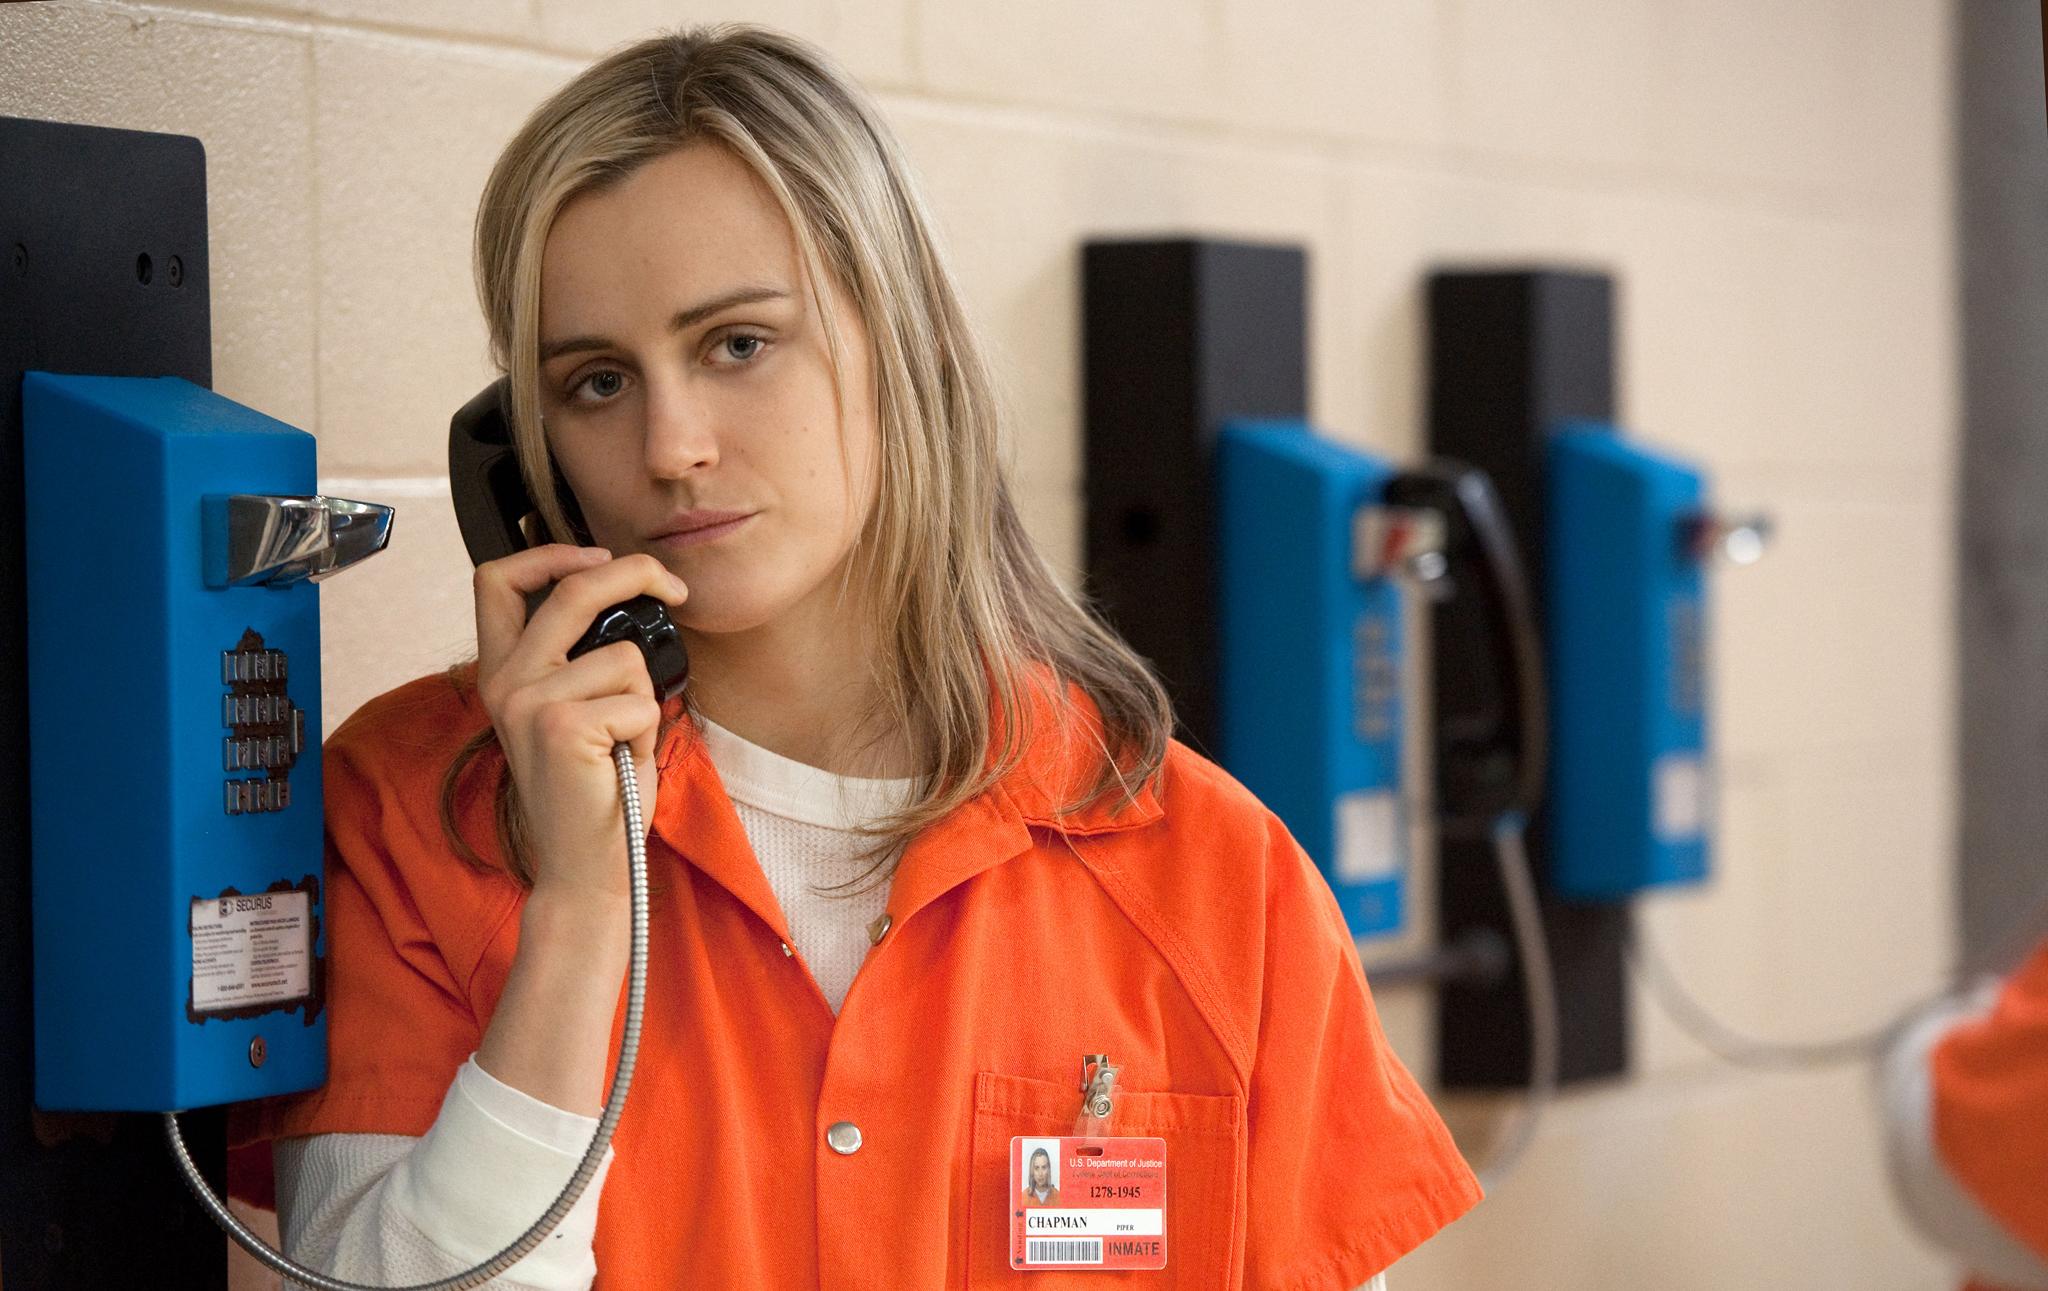 Es lohnt sich, die Eltern nicht erst anzurufen, wenn man in Schwierigkeiten steckt: Piper Chapman aus der Serie «Orange Is The New Black» am Gefängnistelefon. Foto: Netflix